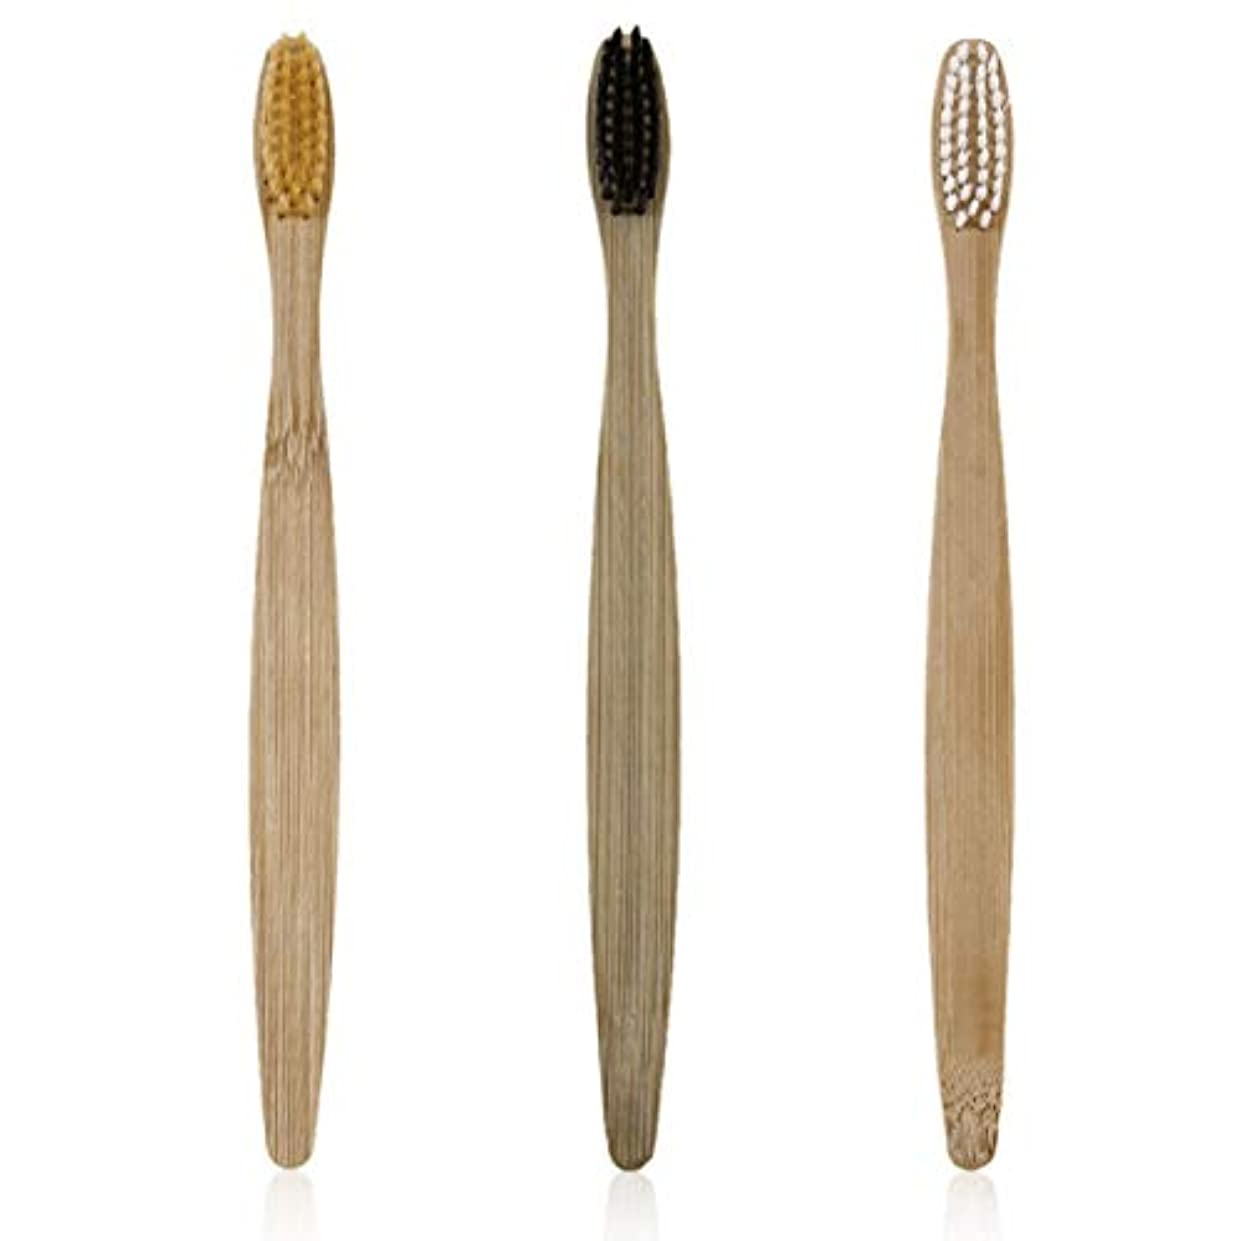 原点勇気のある呼び出す3本/セット環境に優しい木製の歯ブラシ竹の歯ブラシ柔らかい竹繊維の木製のハンドル低炭素環境に優しい - ブラック/ホワイト/イエロー